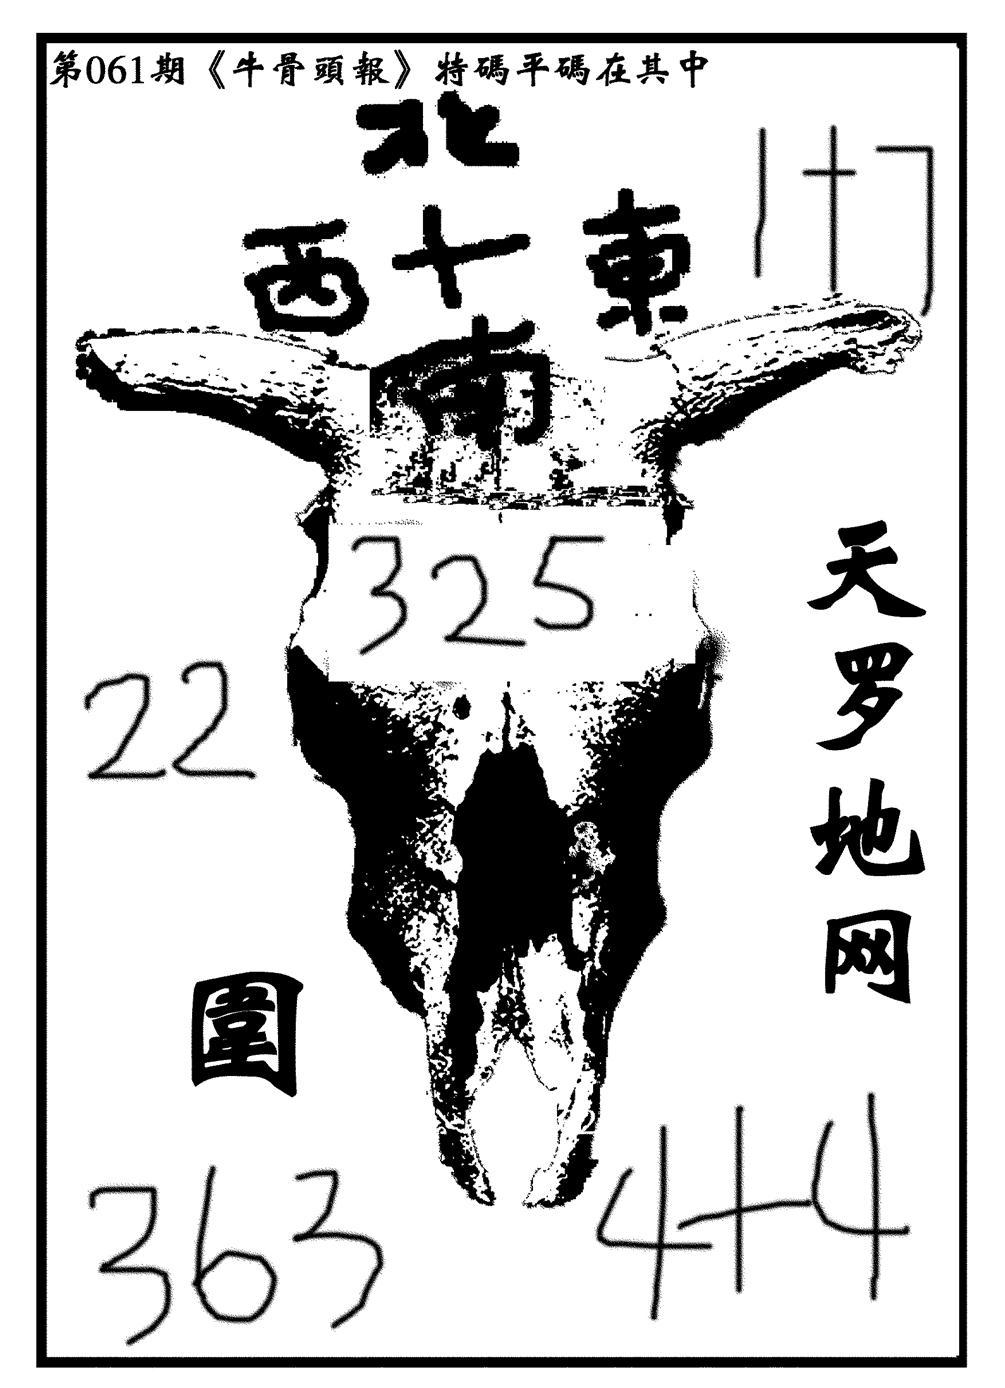 061期牛头报(黑白)